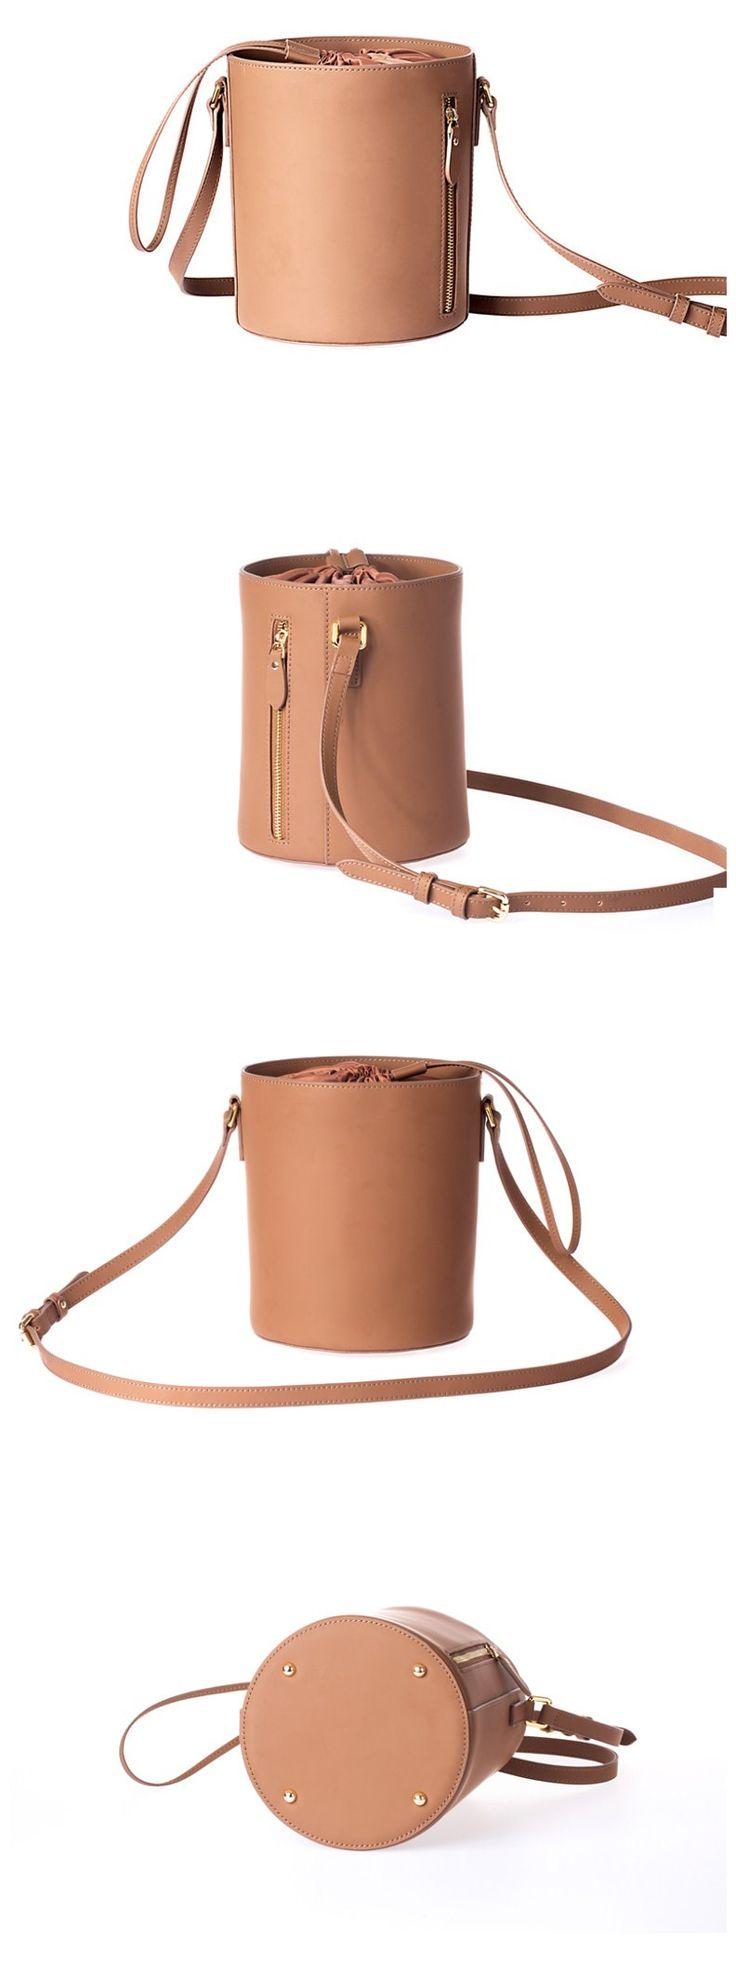 Handmade Genuine Leather Women Bucket bag Shoulder bag •Adjustable shoulder strap. •Open top with drawstring closure. •Brass hardware •Length: 20cm; Height: 20cm; Width: 17cm; •Color:Green/ Brown